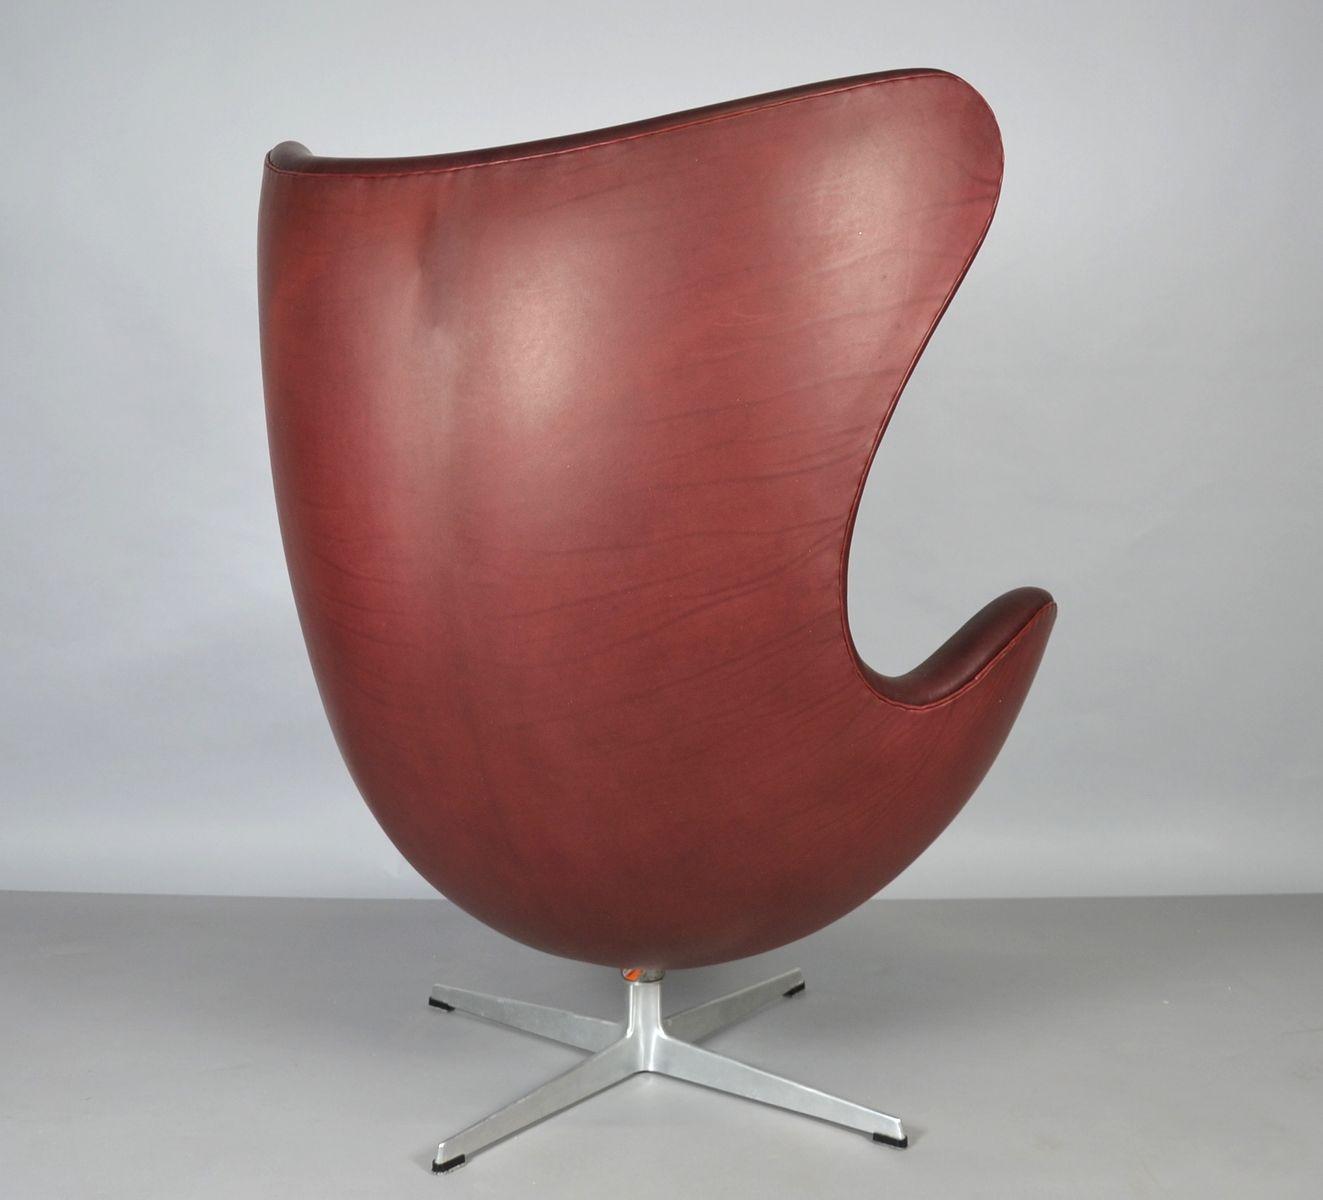 egg chair aus leder von arne jacobsen f r fritz hansen 1965 bei pamono kaufen. Black Bedroom Furniture Sets. Home Design Ideas